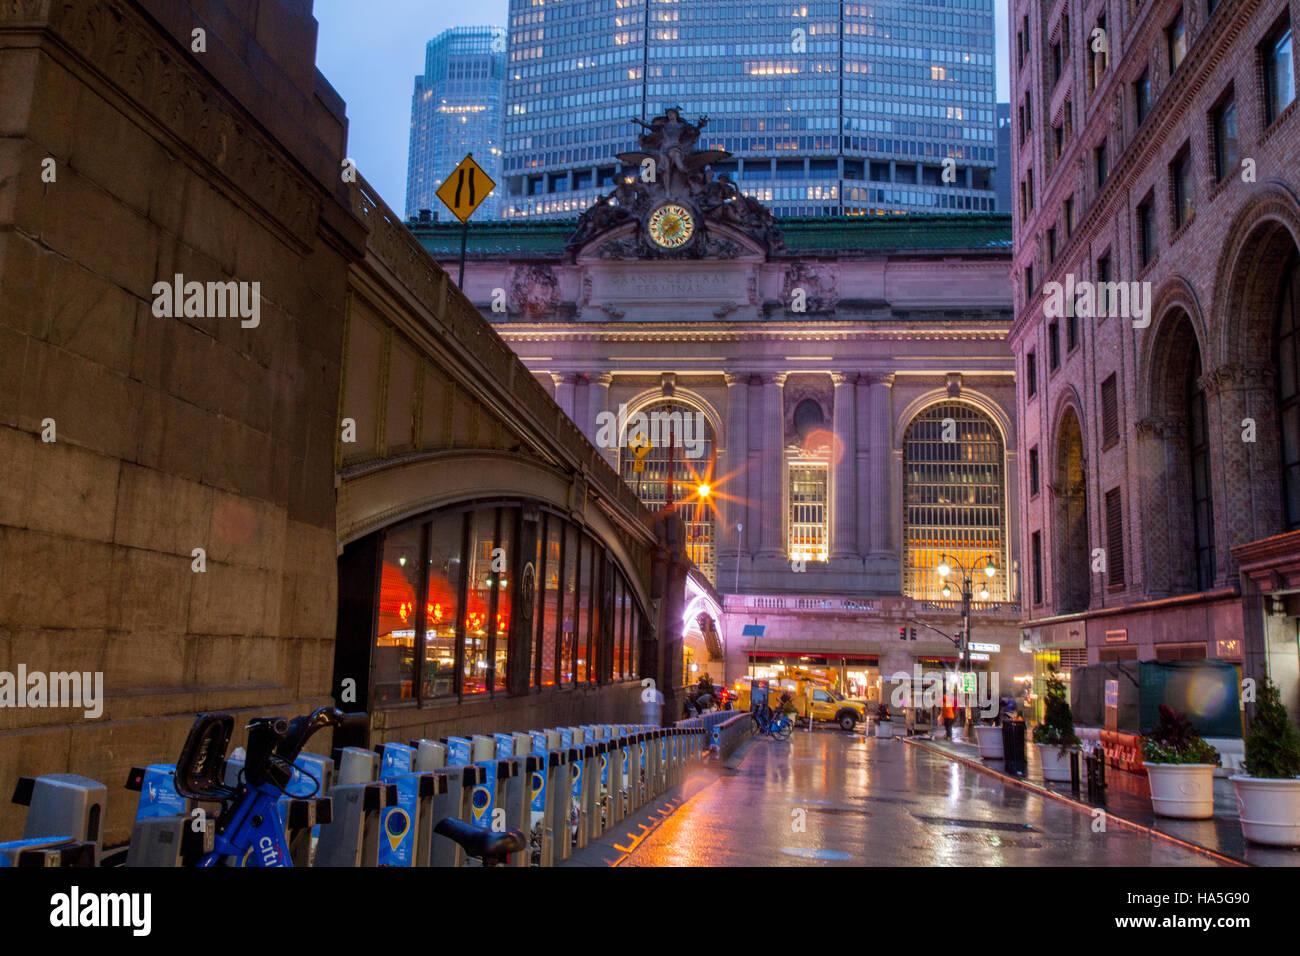 Grand Central station außen 42nd Street, New York City, Vereinigte Staaten von Amerika. Stockbild